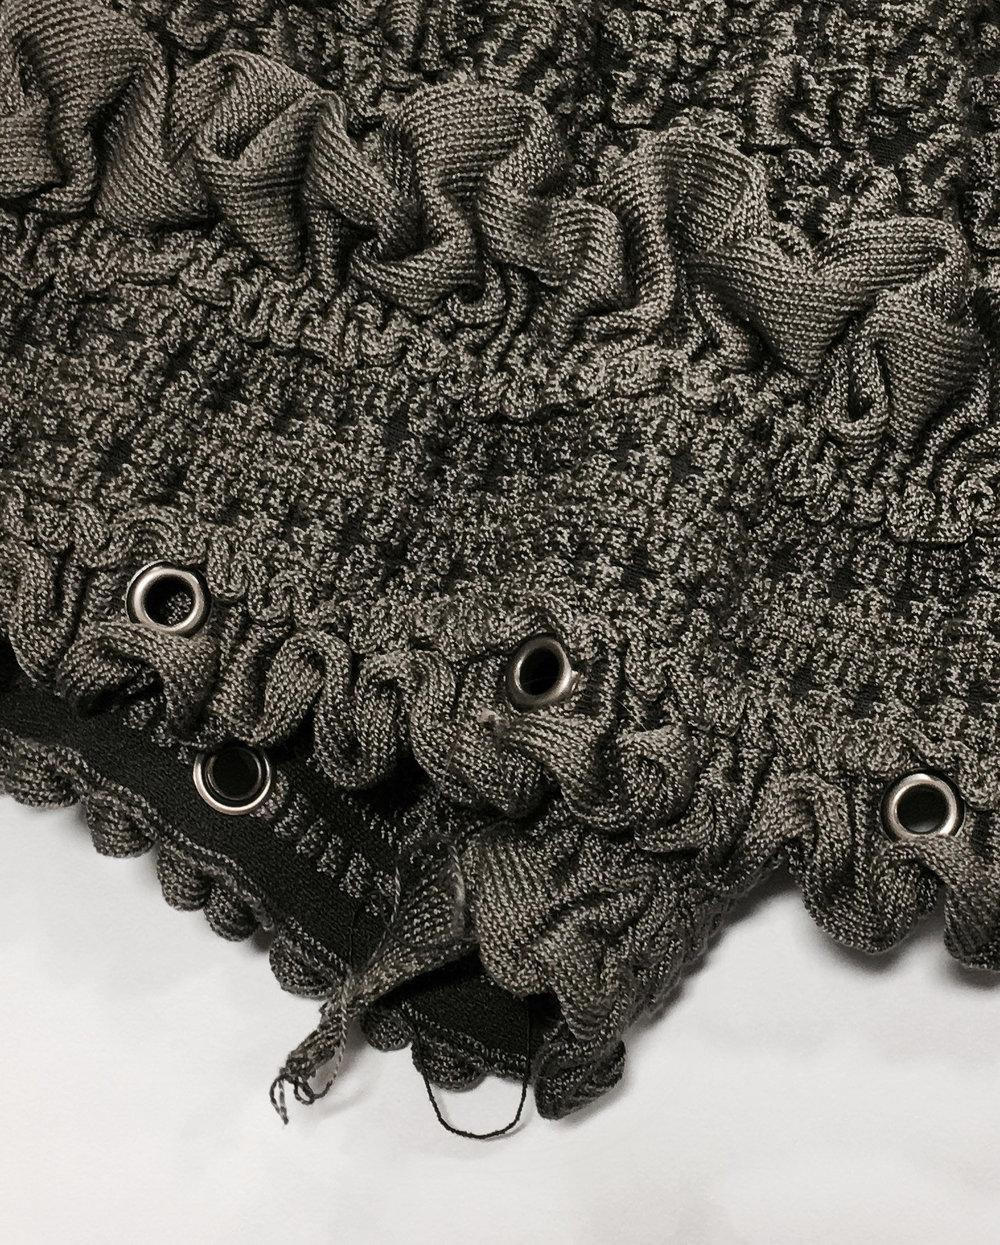 knit shim.jpg